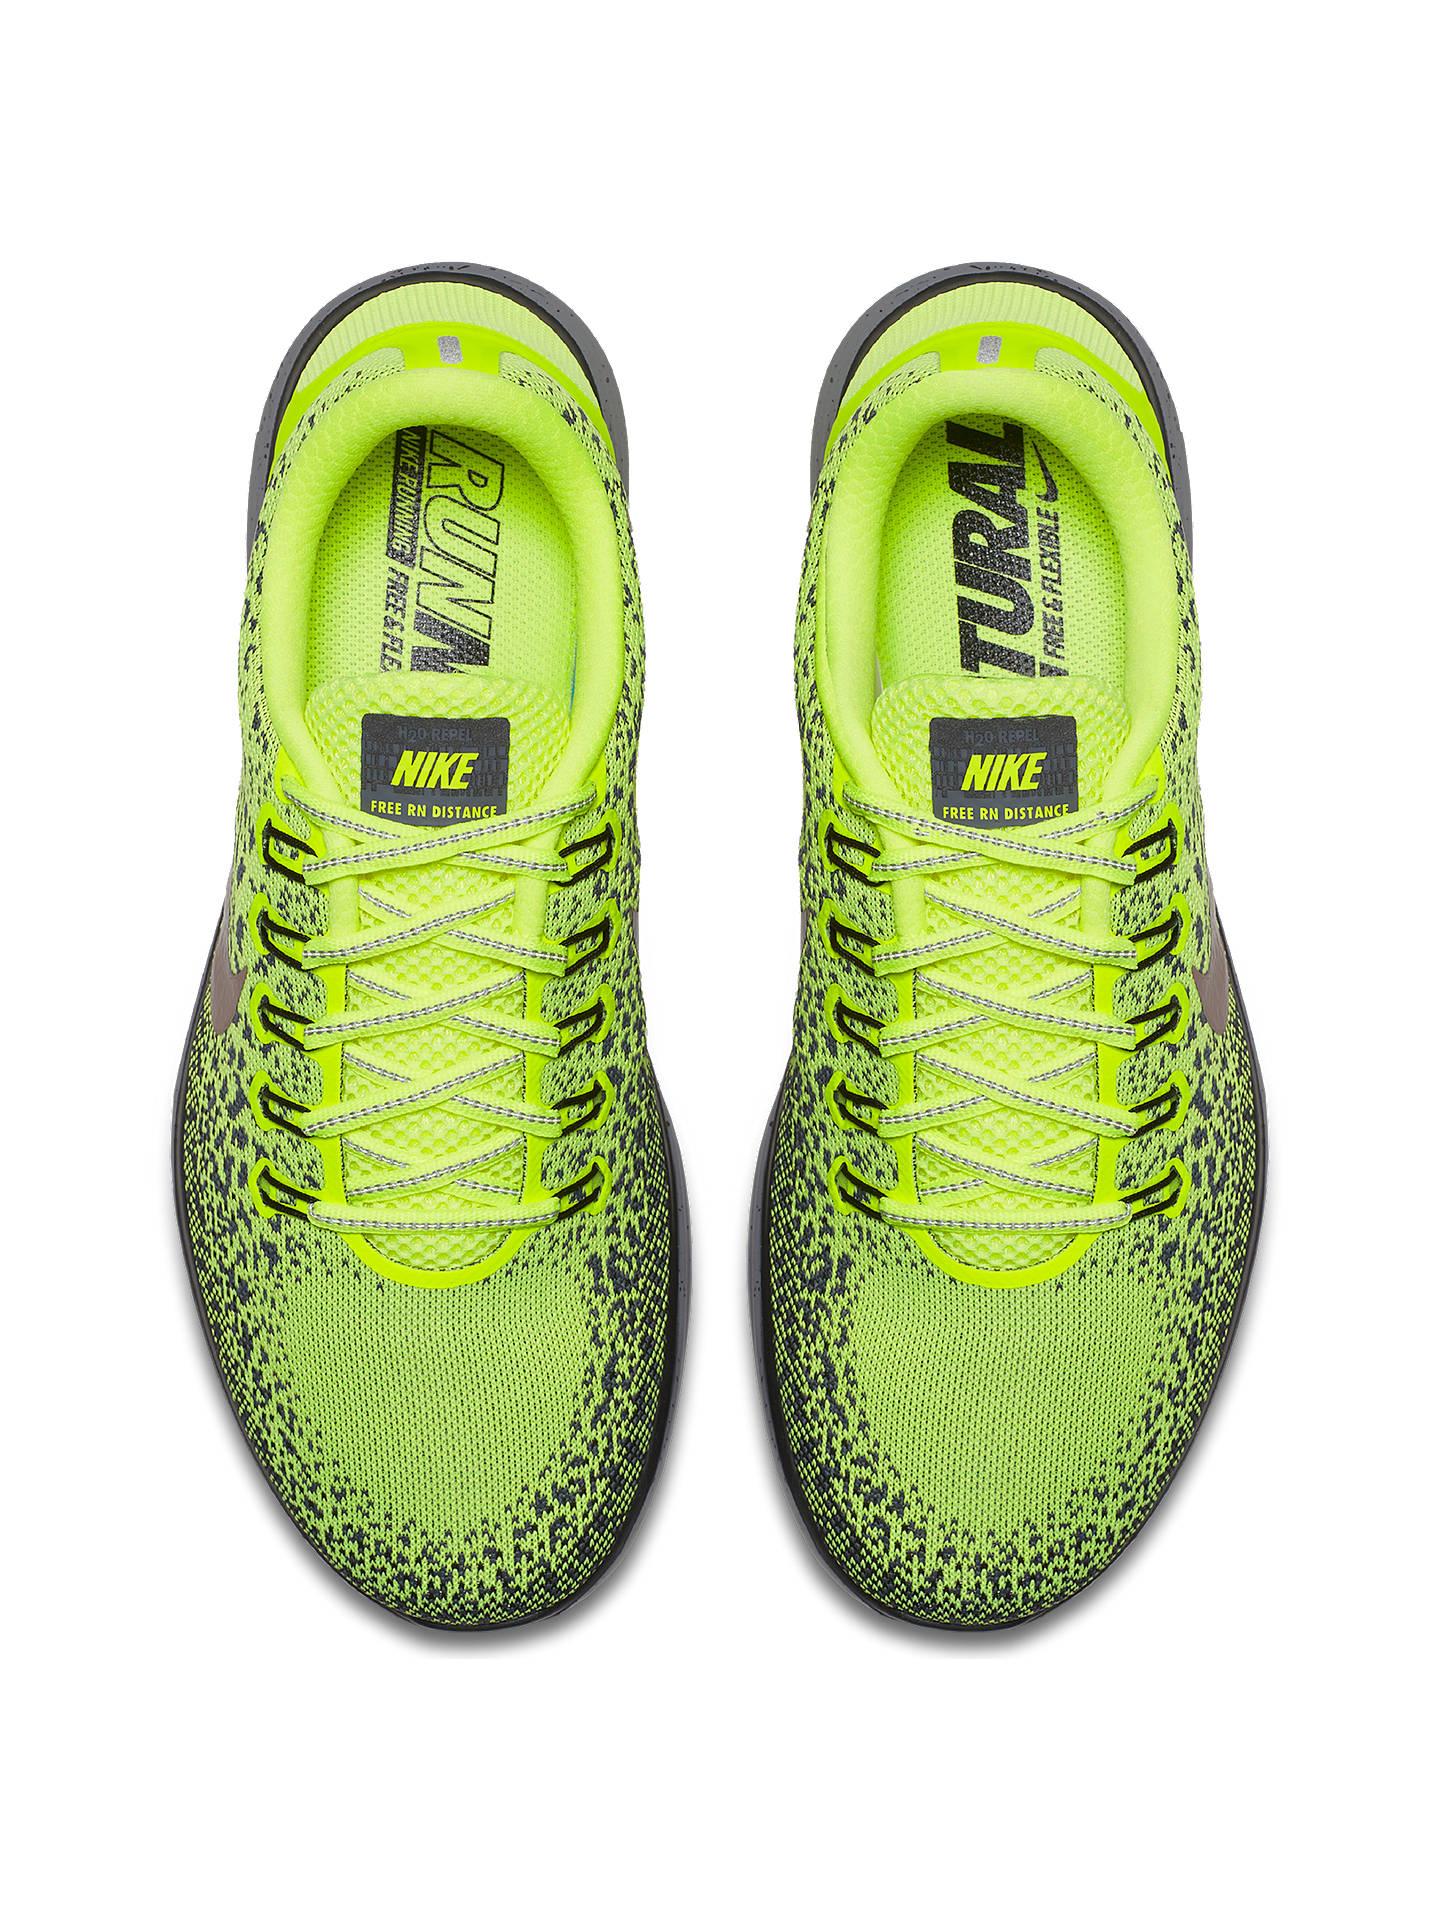 Nike Free RN Distance Shield Men's